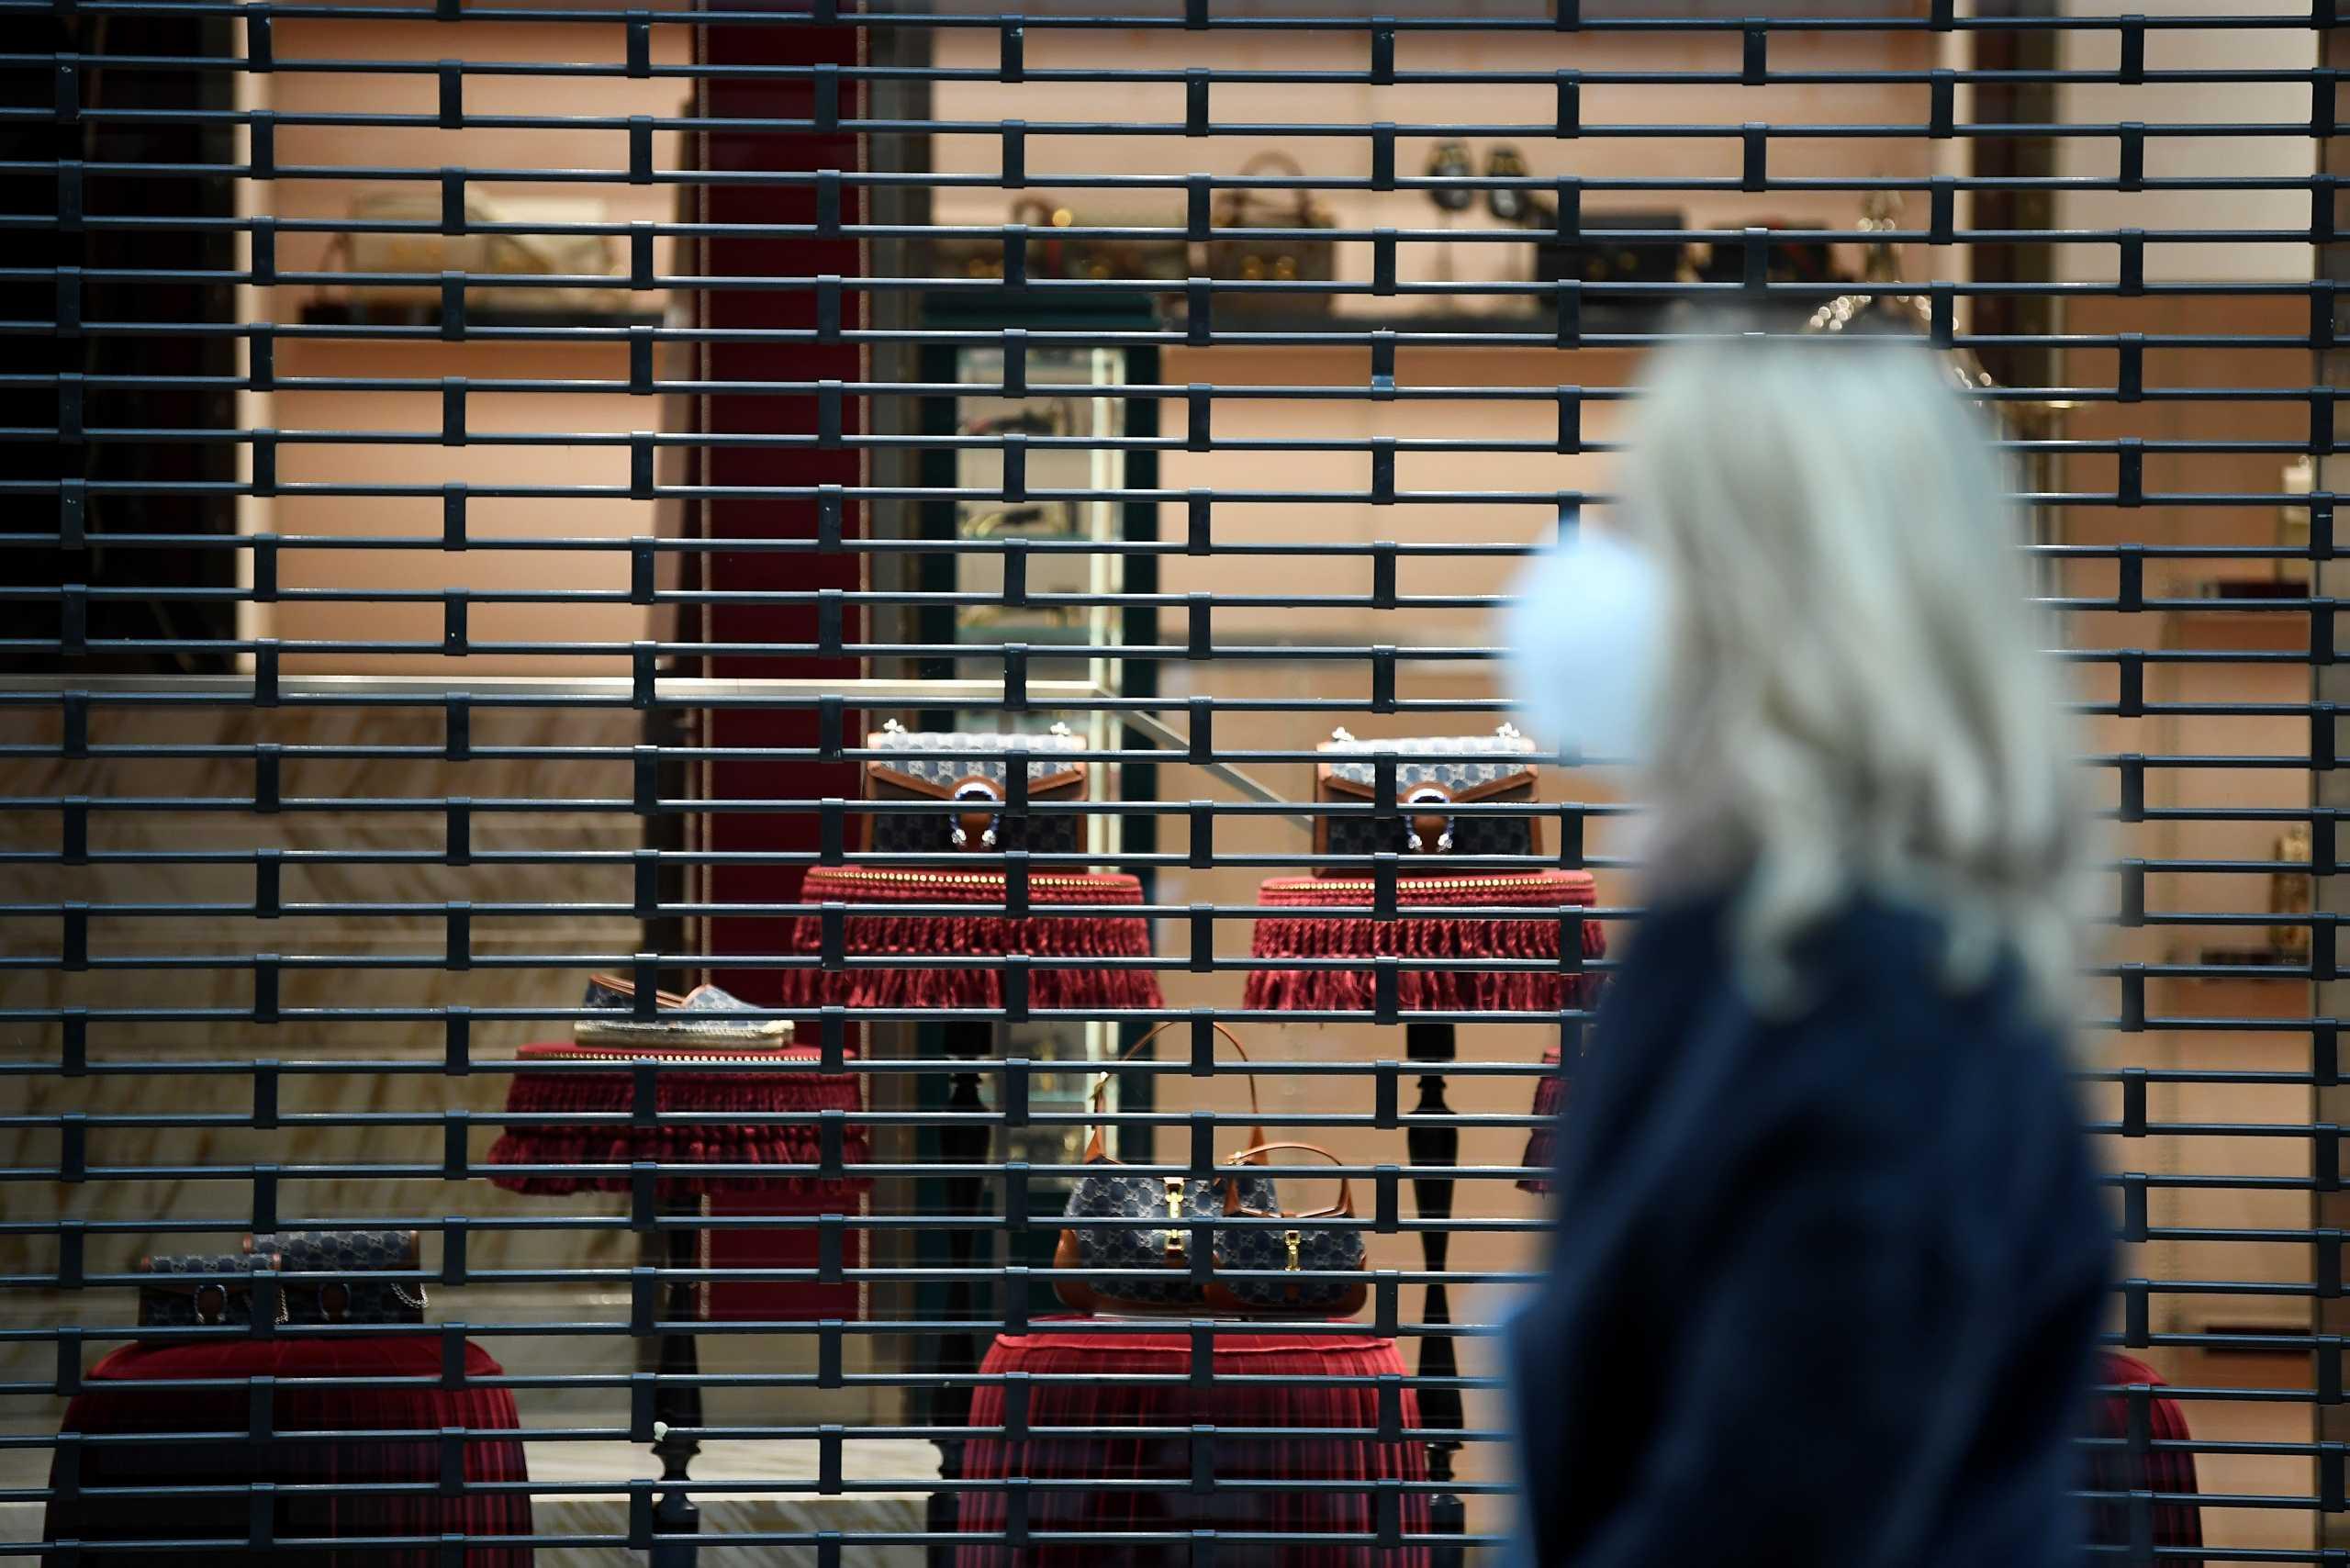 Νέο lockdown στη Σλοβενία: Ο κορονοϊός κλείνει πάλι καταστήματα, σχολεία, εκκλησίες